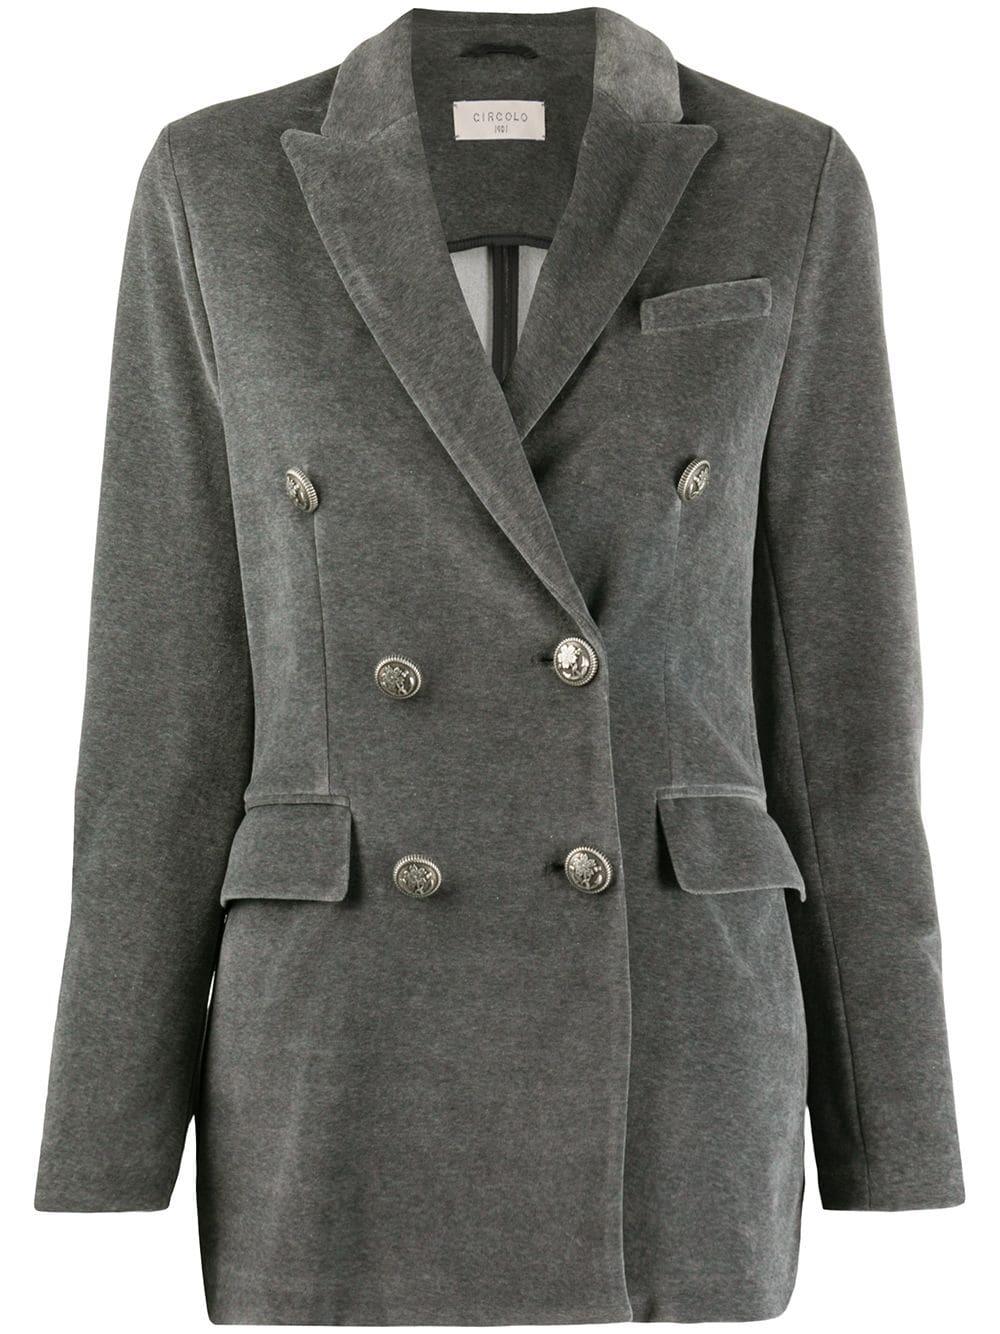 blazer velours circolo FD1656-1